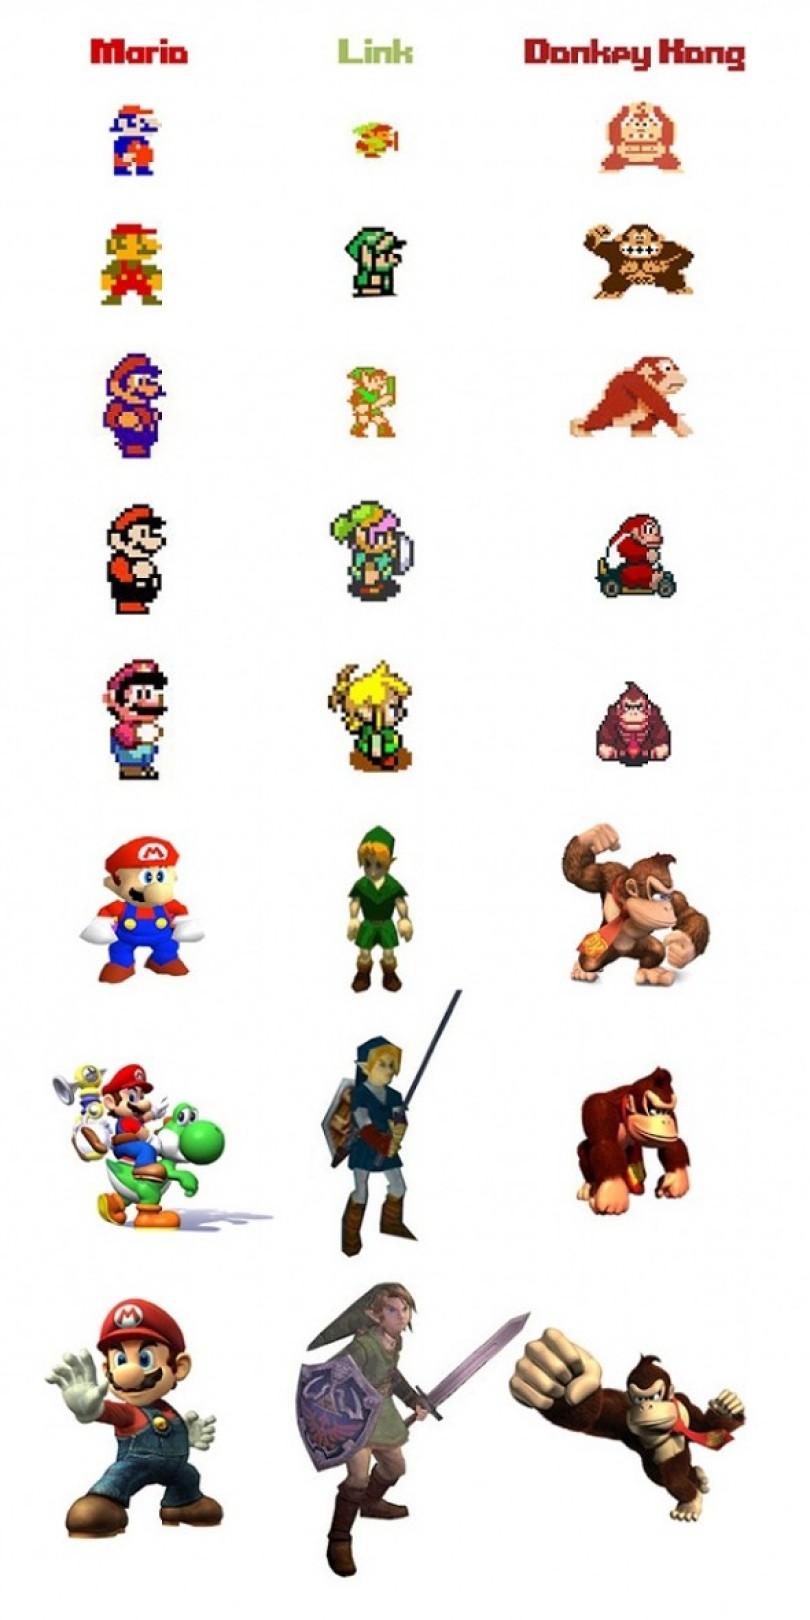 b672e evolu25c325a725c325a3o mario world nitendo - Evolução do Super Mario, Link e Donkey Kong da Nitendo durante anos